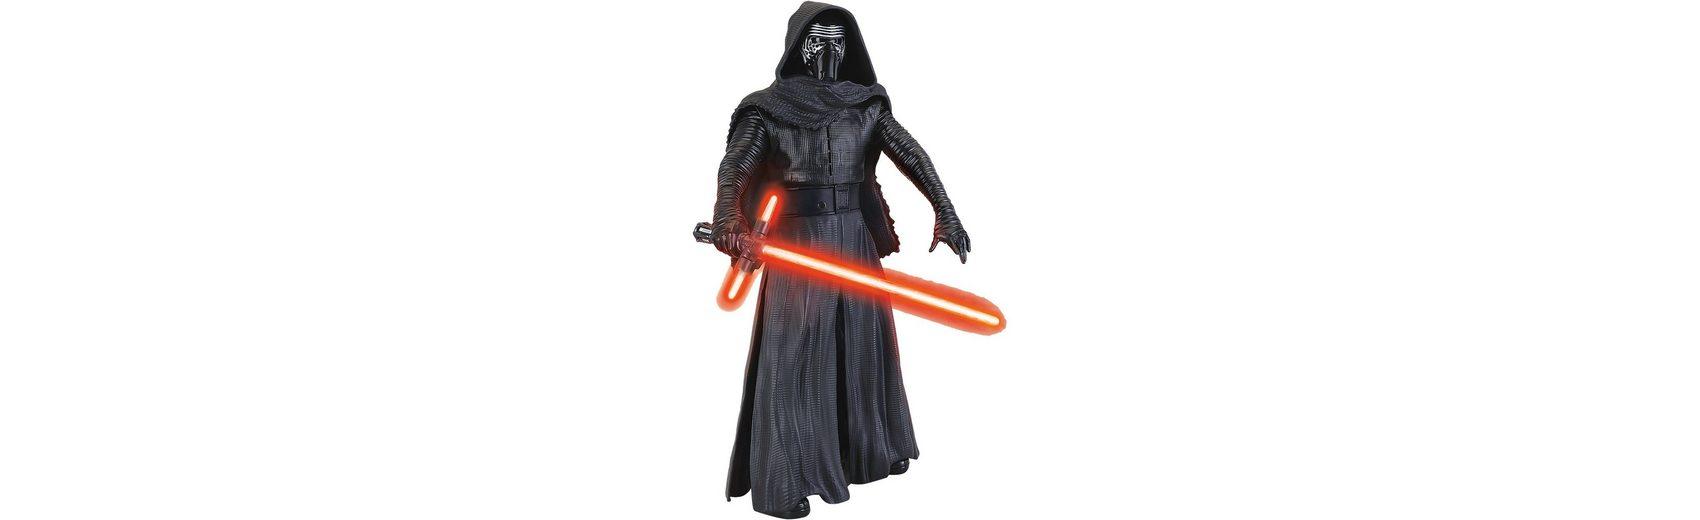 MTW Star Wars - Kylo Ren Roomguard